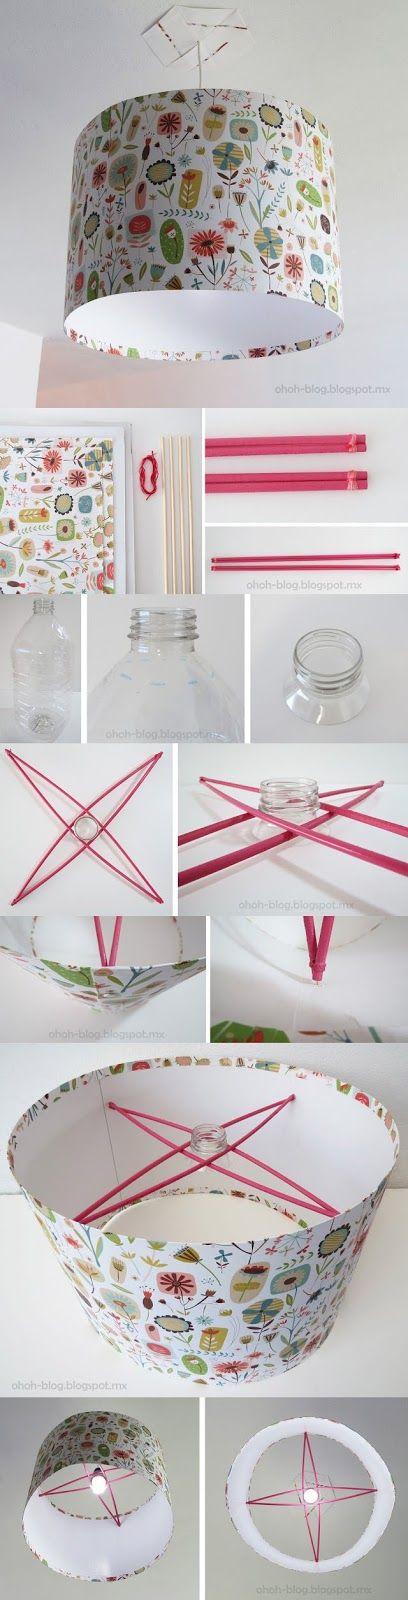 joybobo: DIY Lampshade